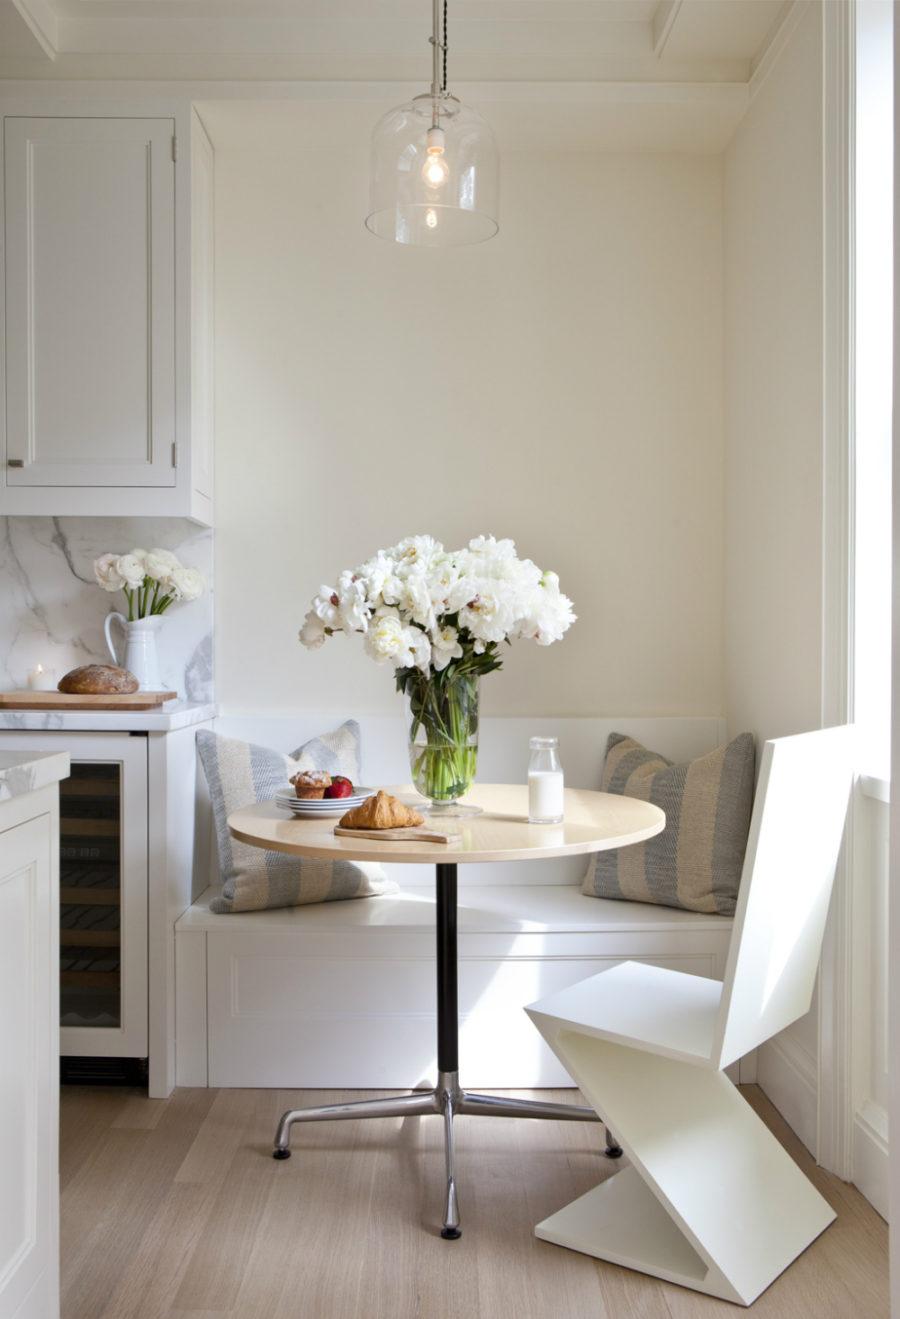 Simple but sweet breakfast area